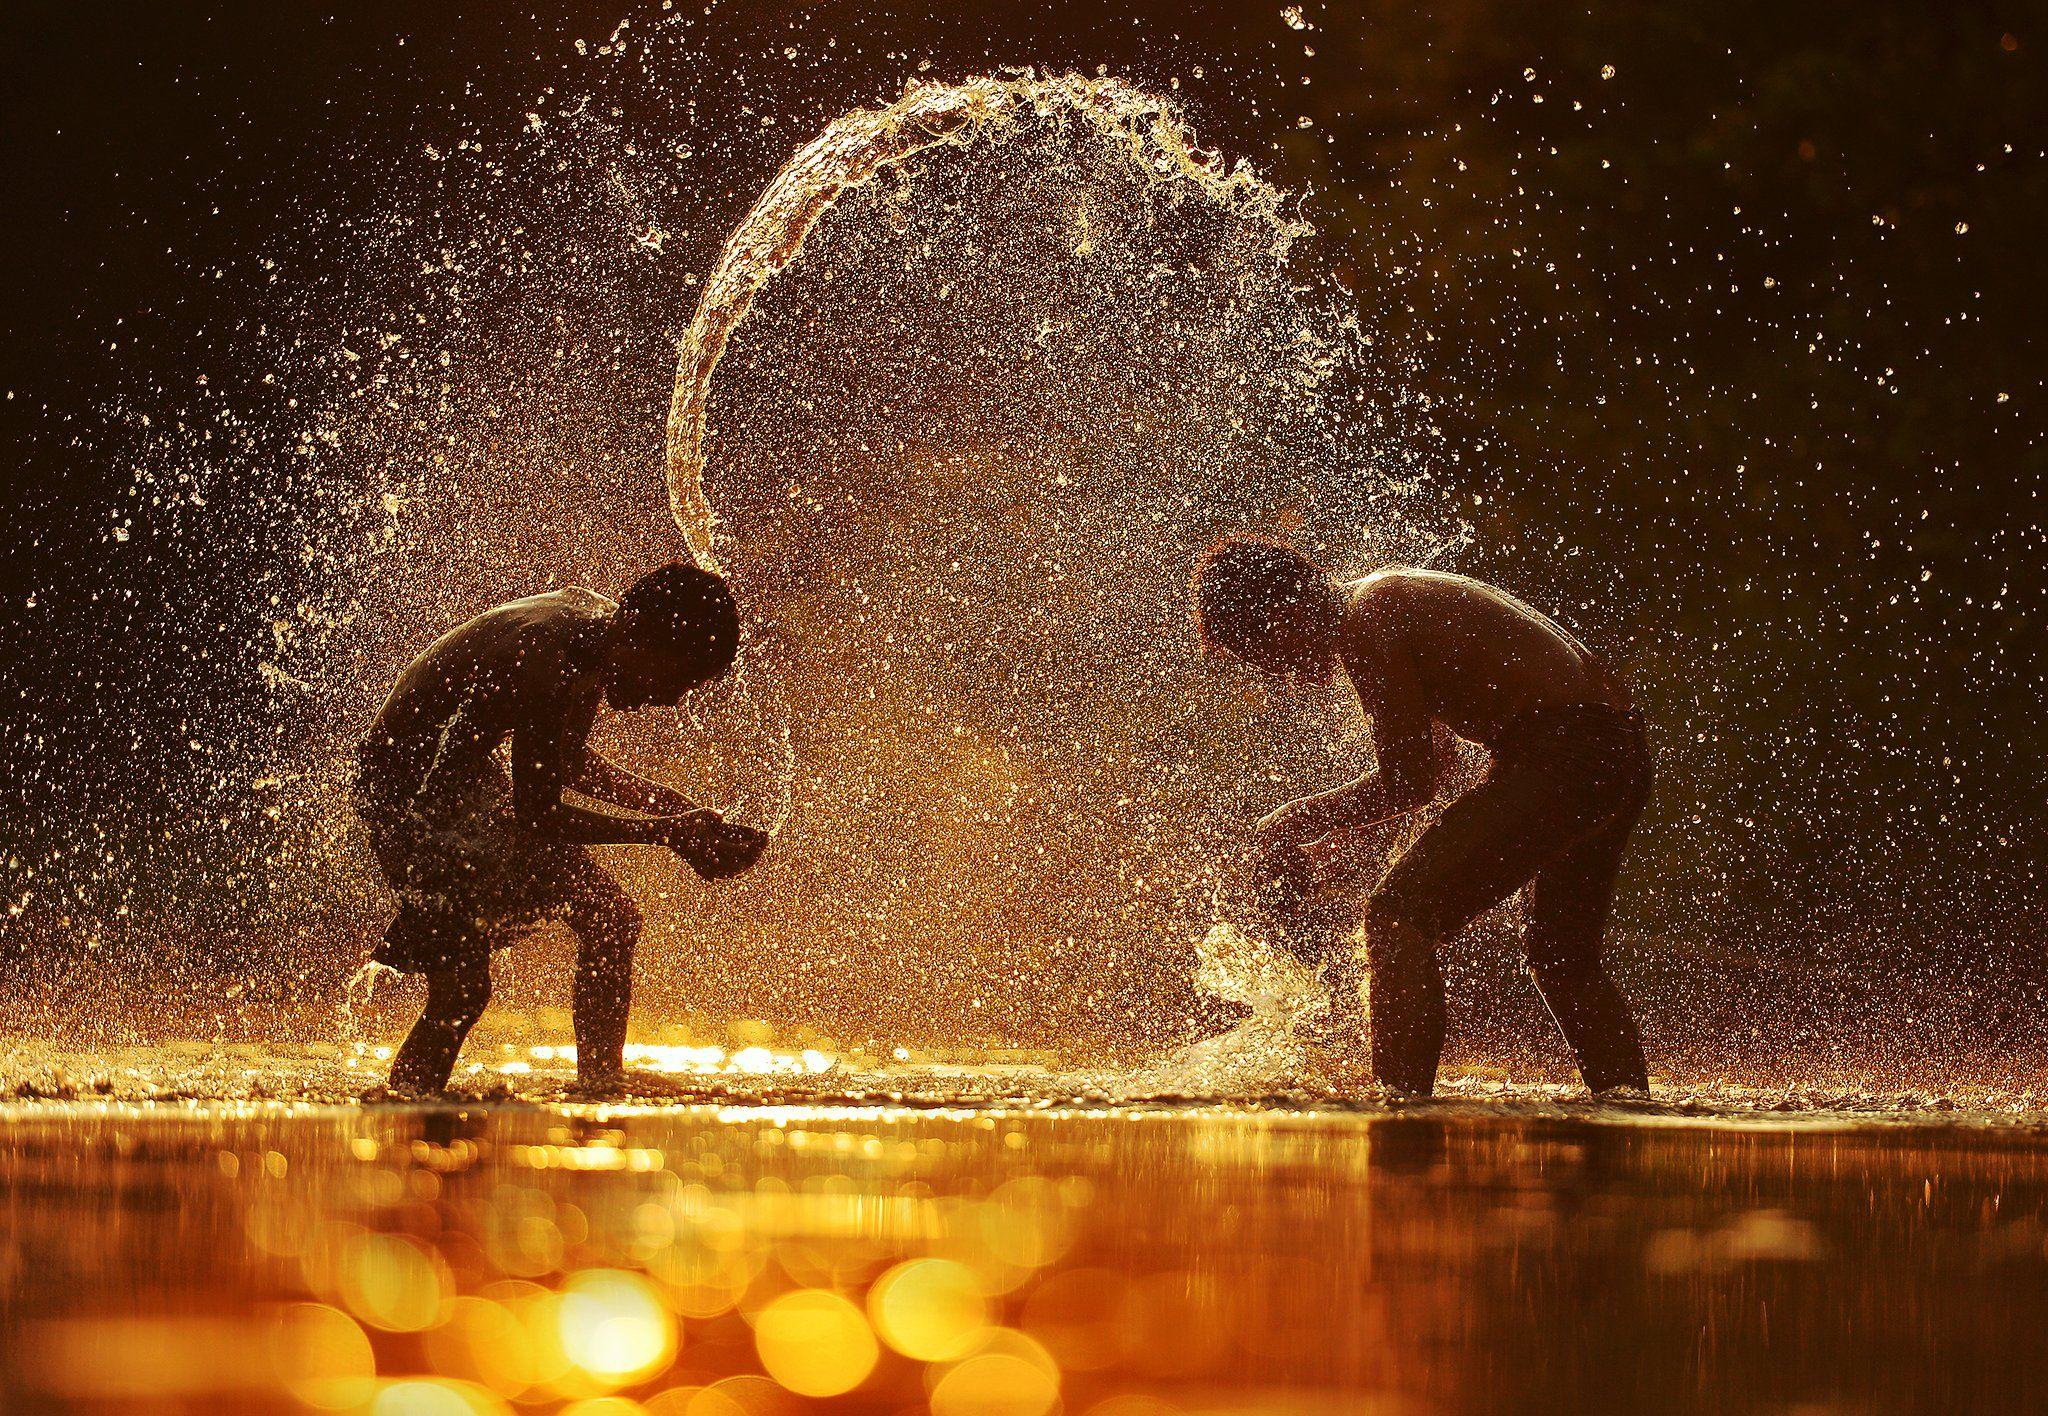 splash,water,swimming,child,kid,playing,asia,asian,thailand, Saravut Whanset